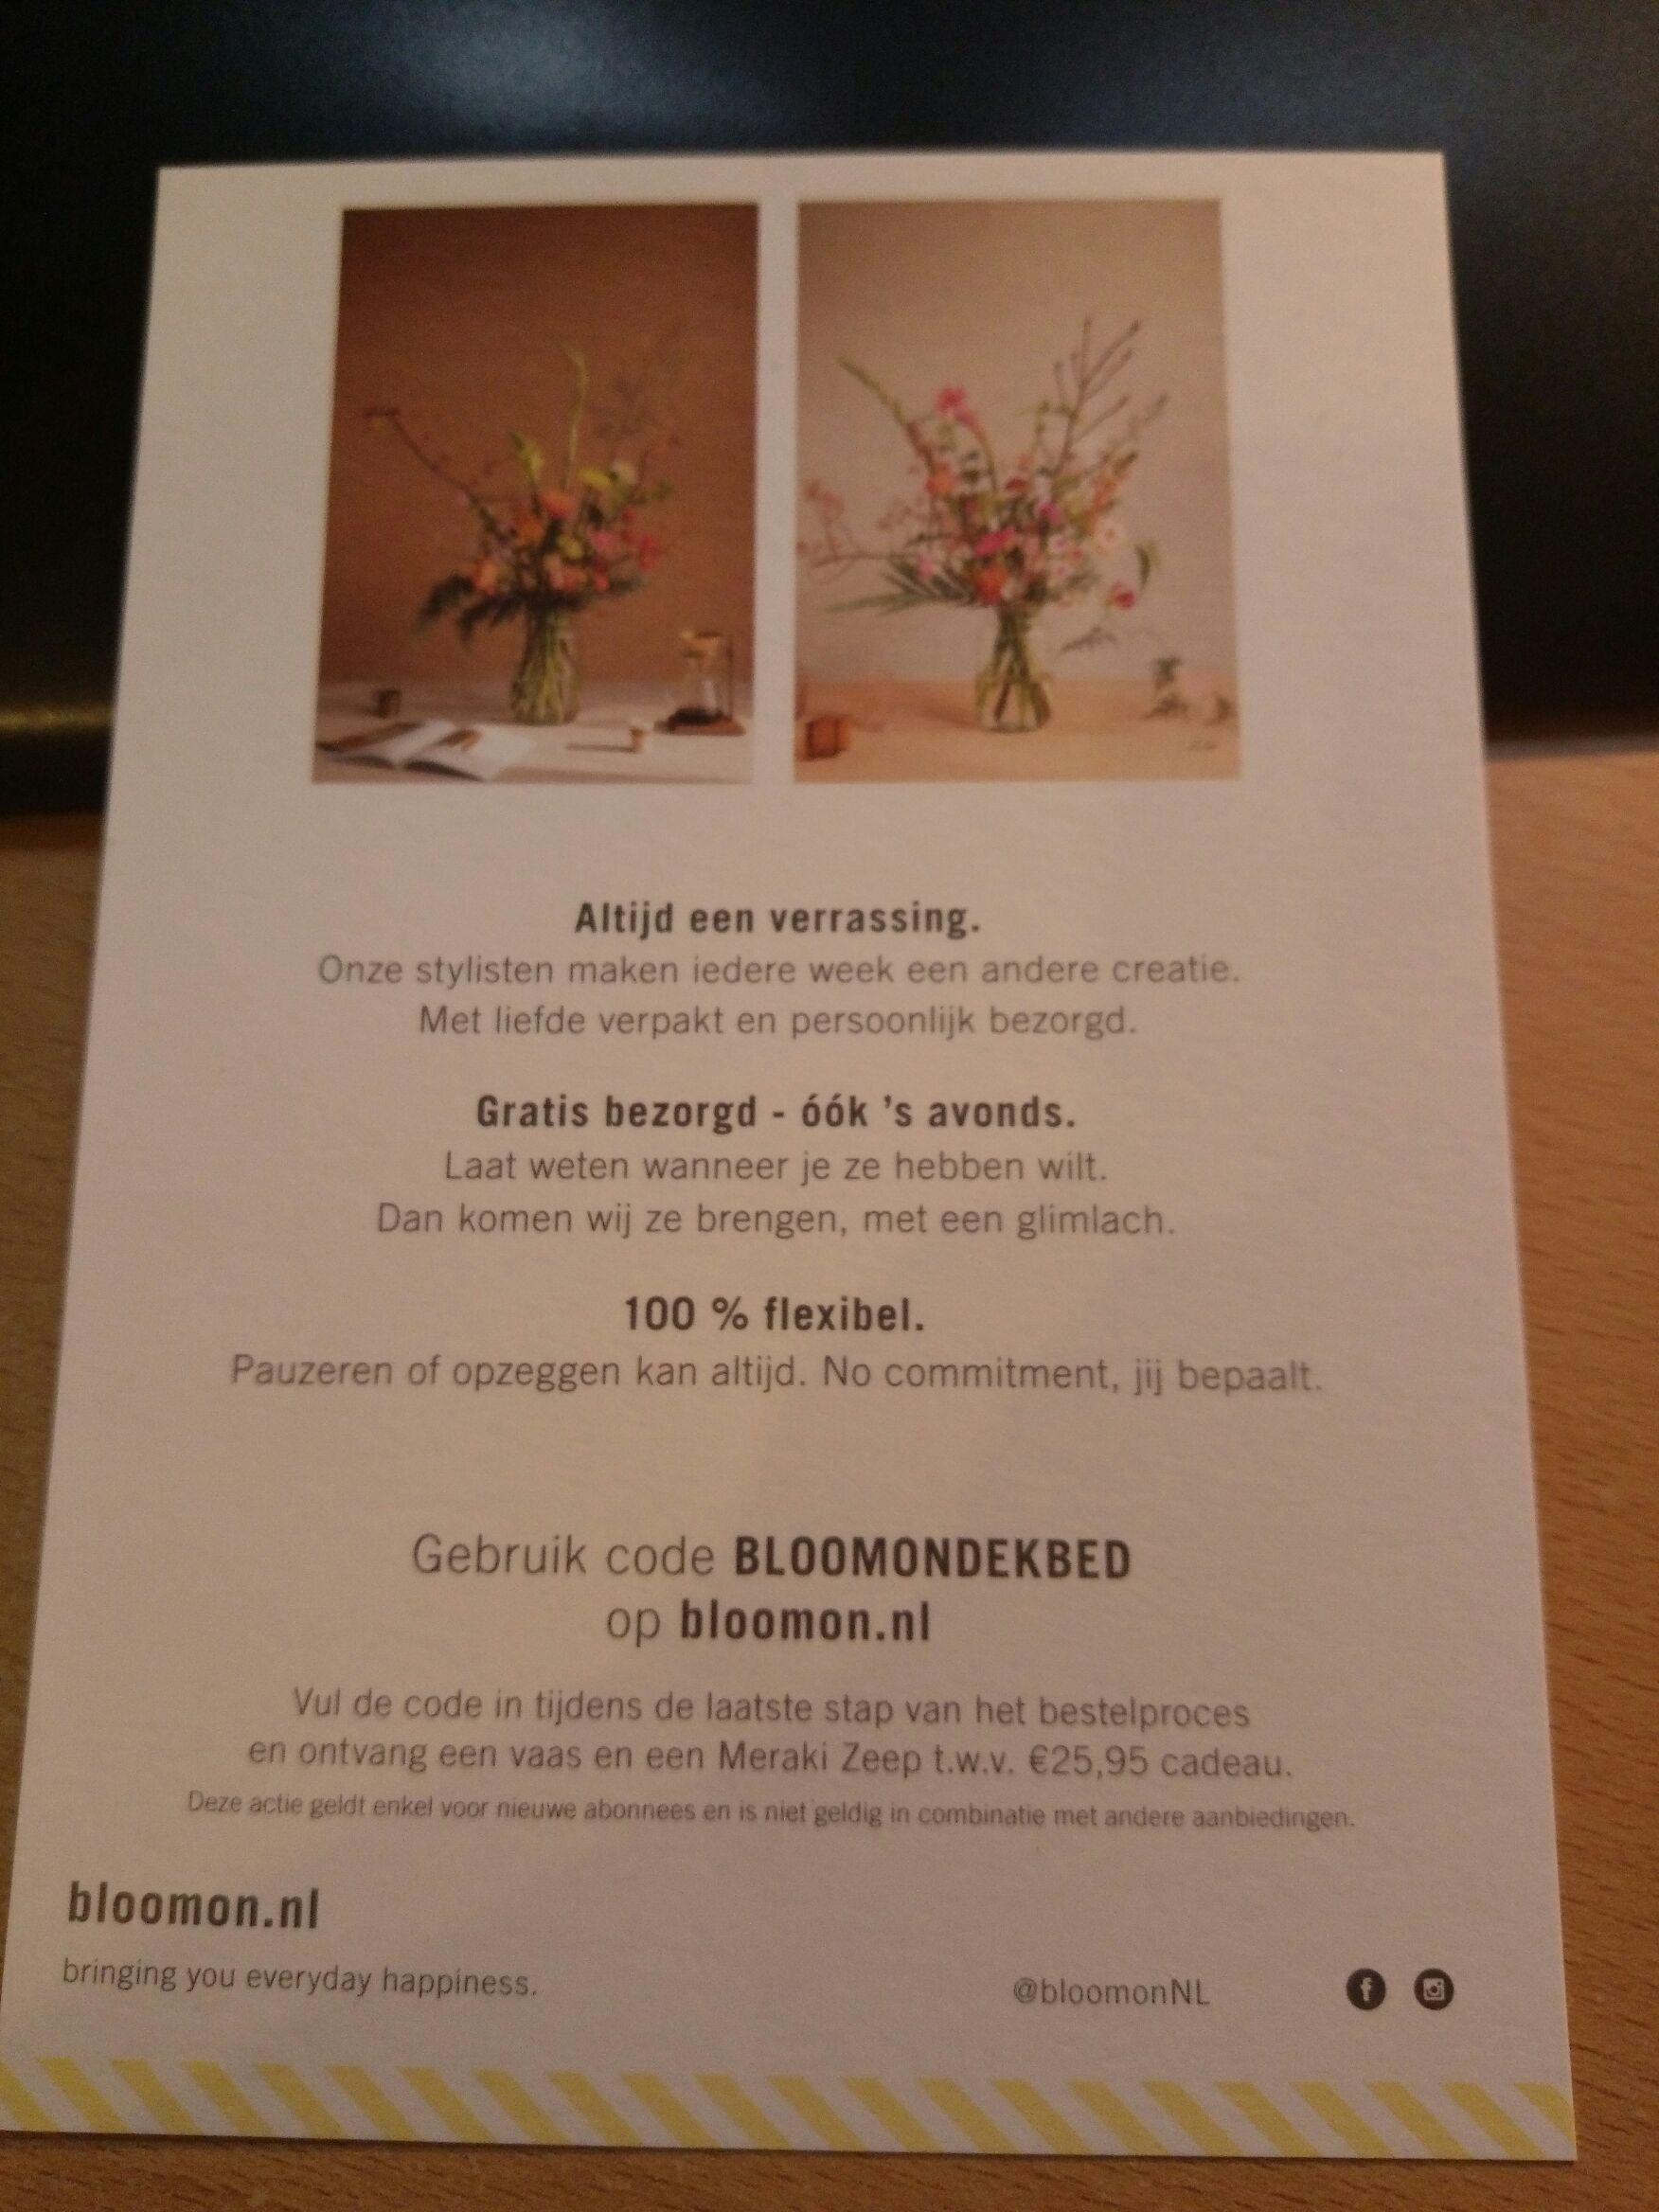 Vaas en Meraki zeep cadeau voor nieuwe abonnees bij bloomon